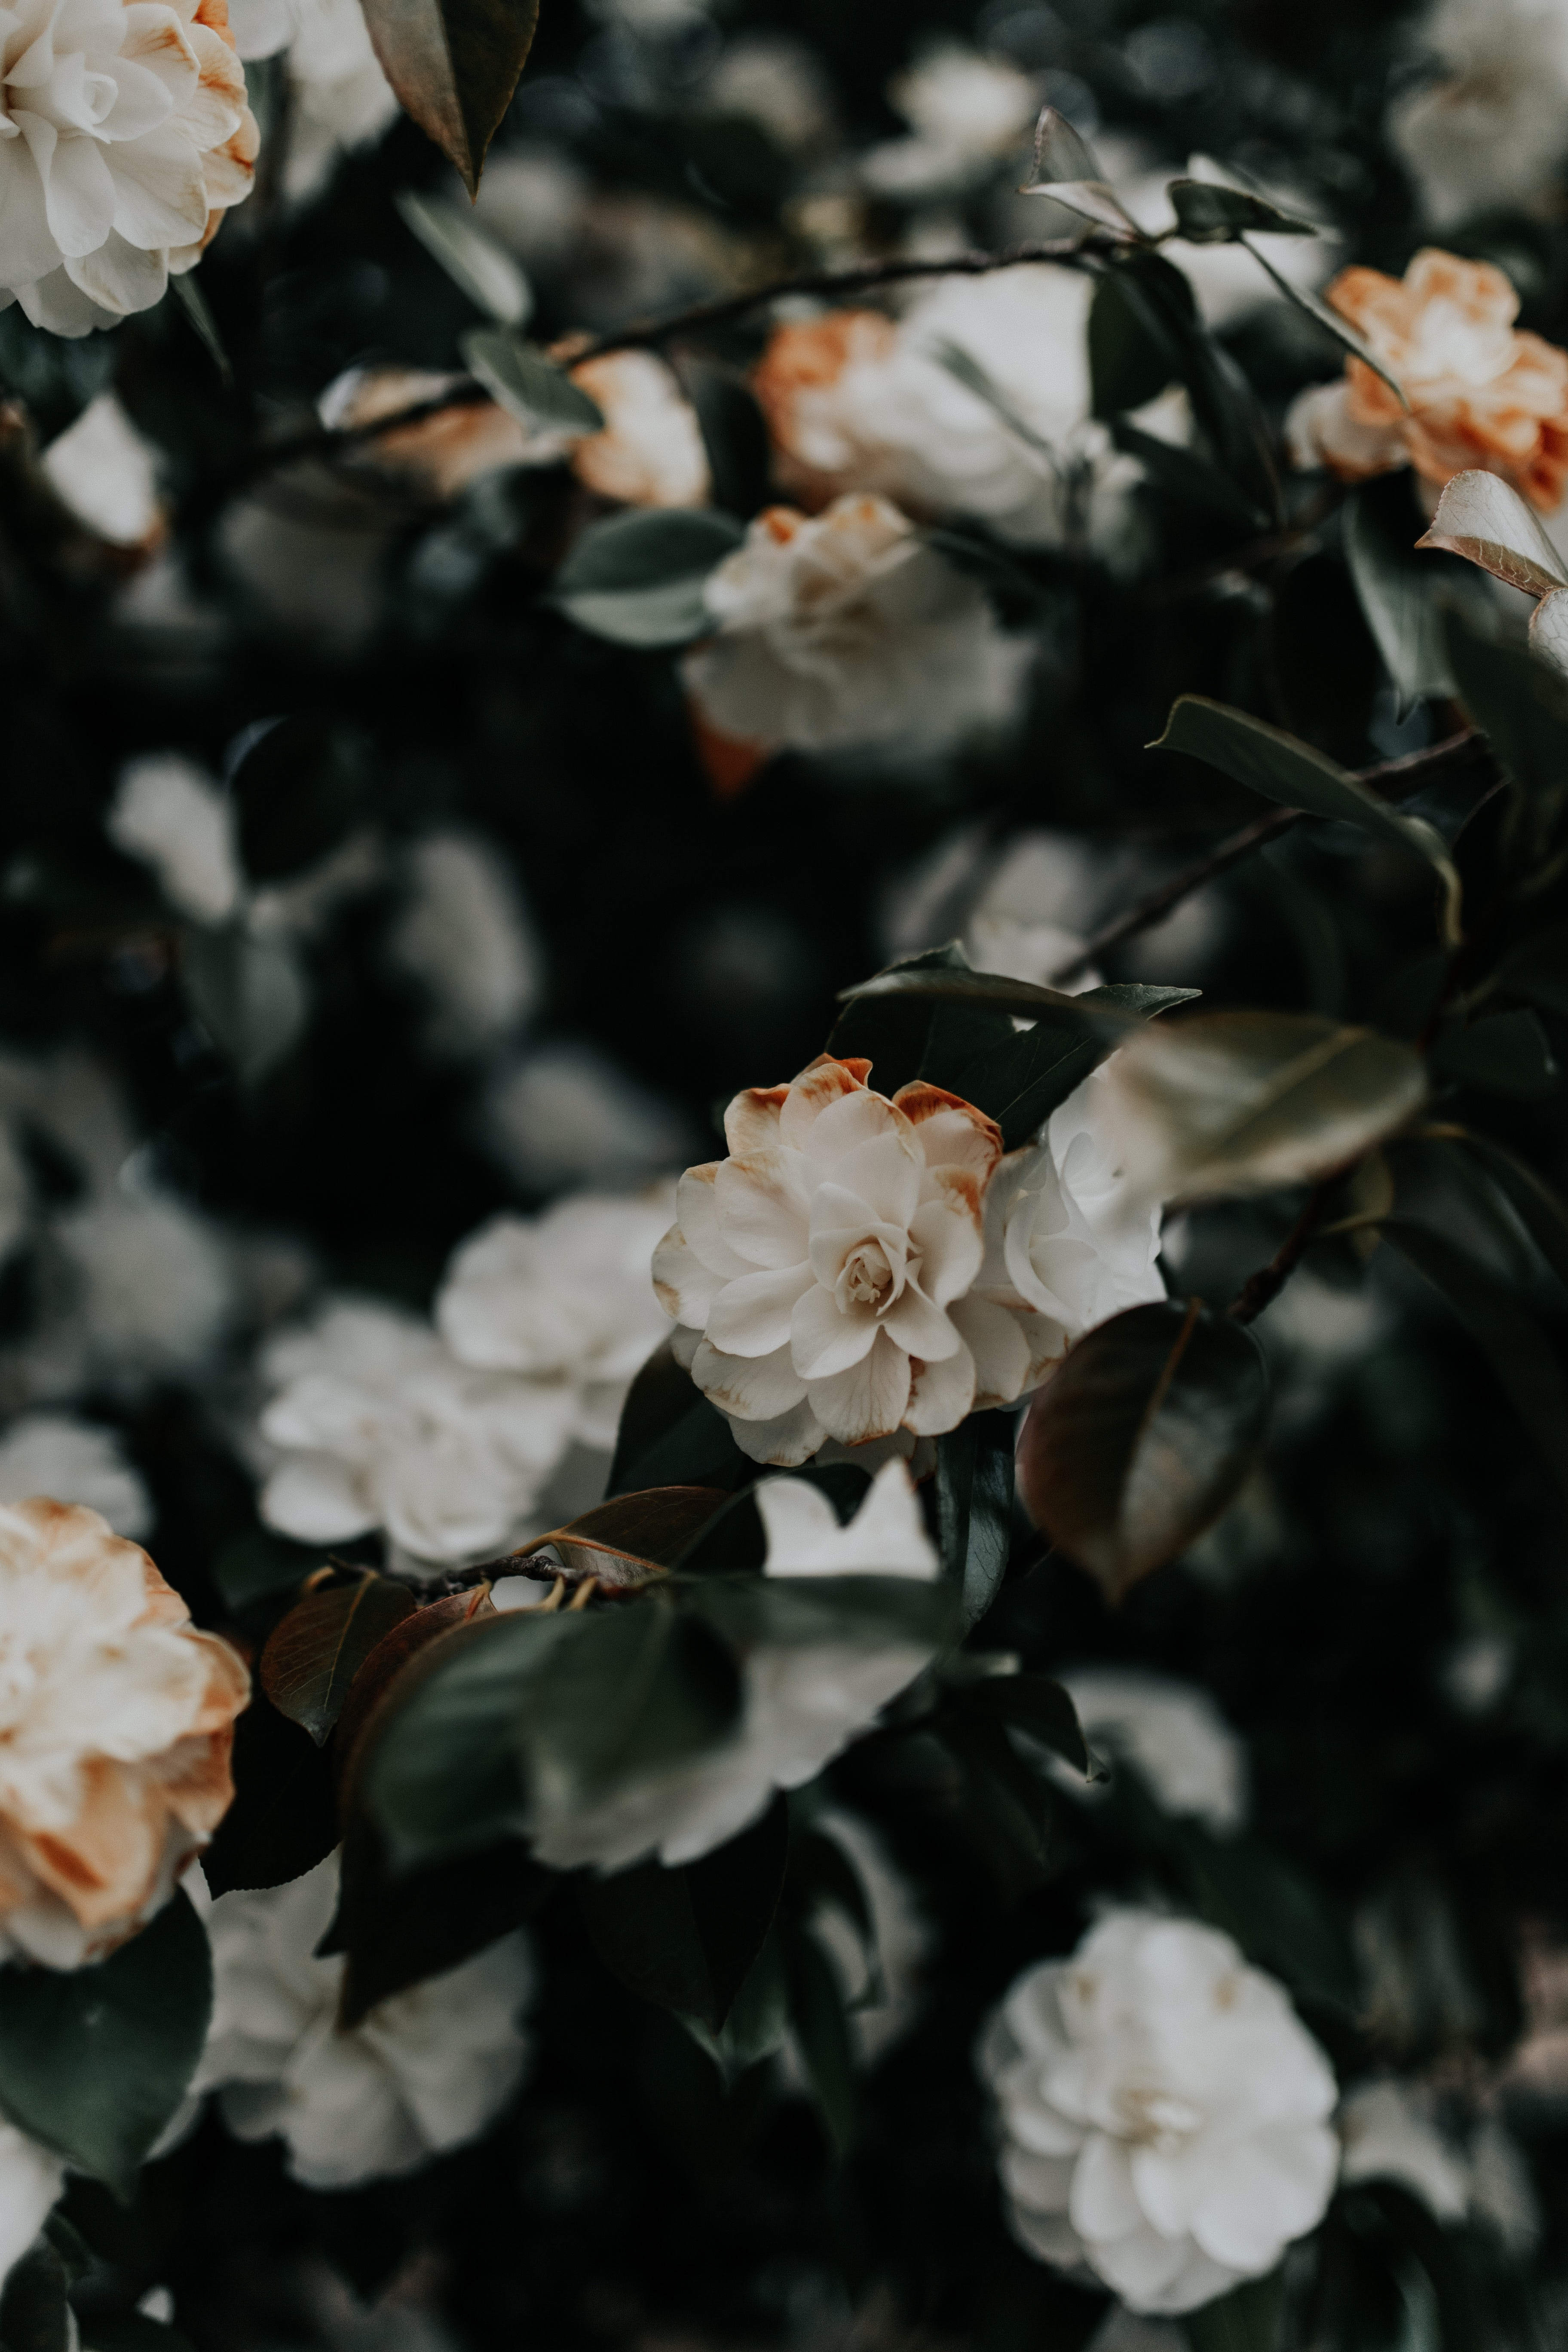 153966 fond d'écran 1080x2400 sur votre téléphone gratuitement, téléchargez des images Fleurs, Feuilles, Plante, Planter, Branches, Buisson 1080x2400 sur votre mobile